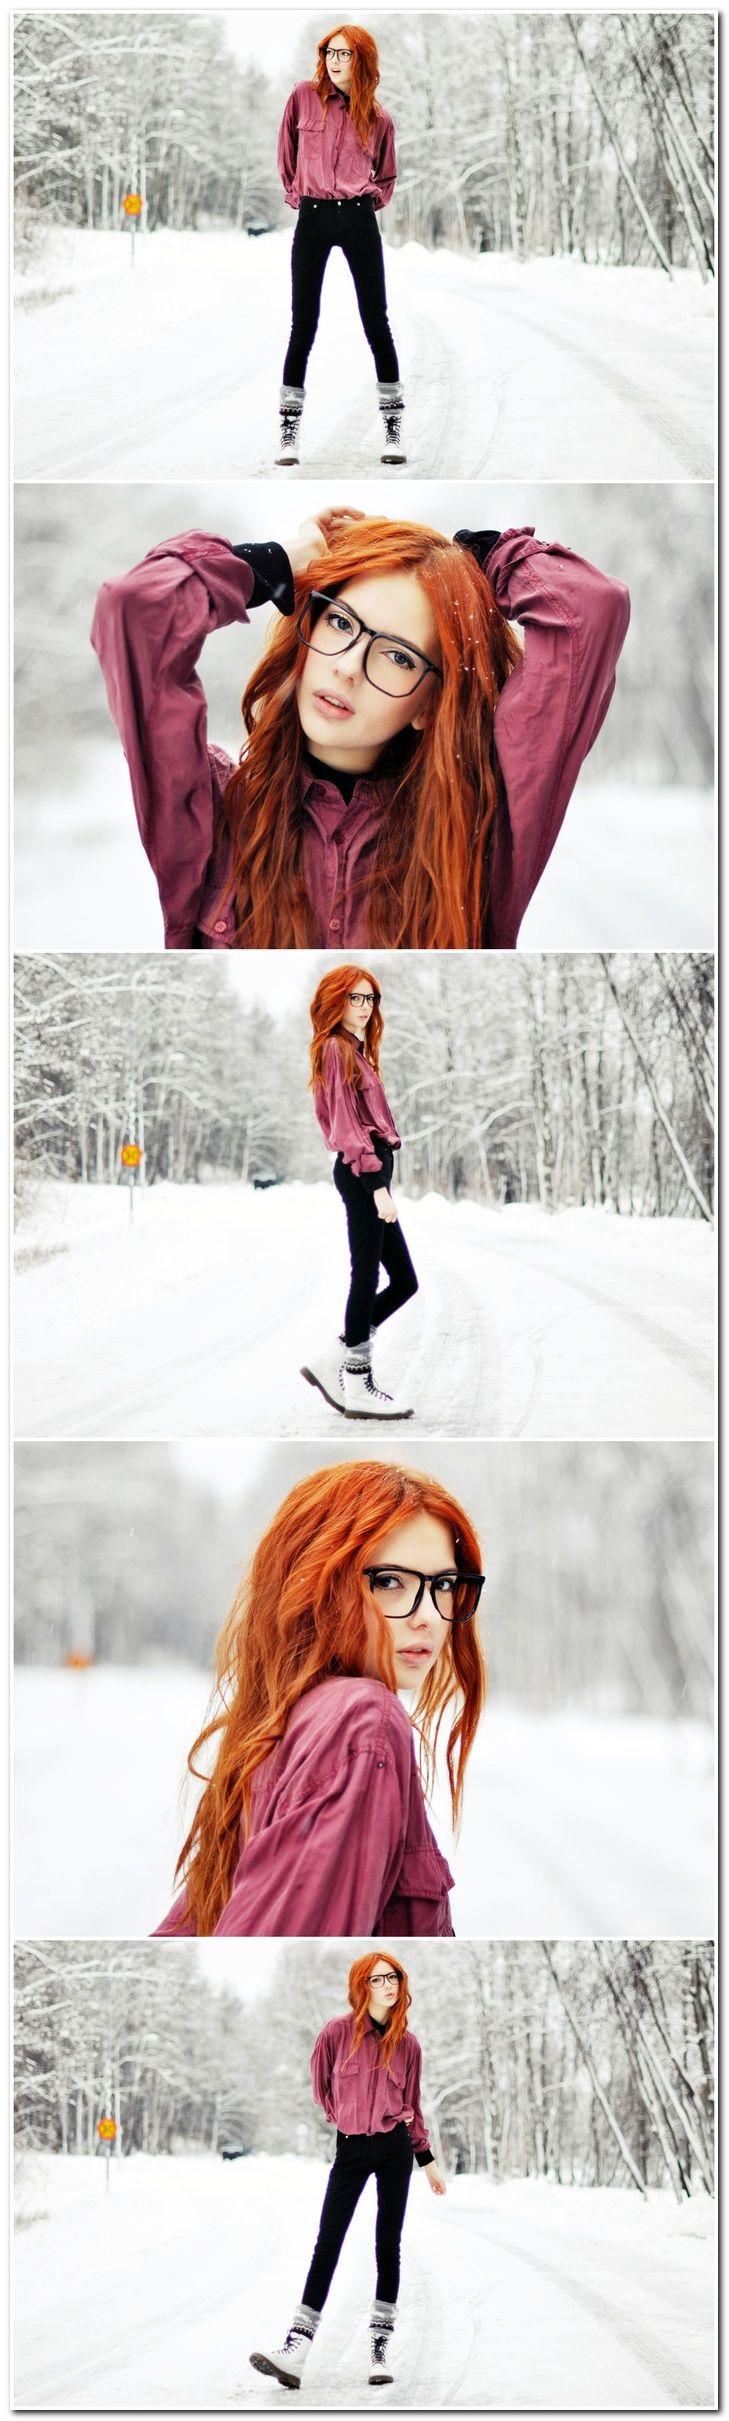 20+ Schöne Ideen für Schneefotos